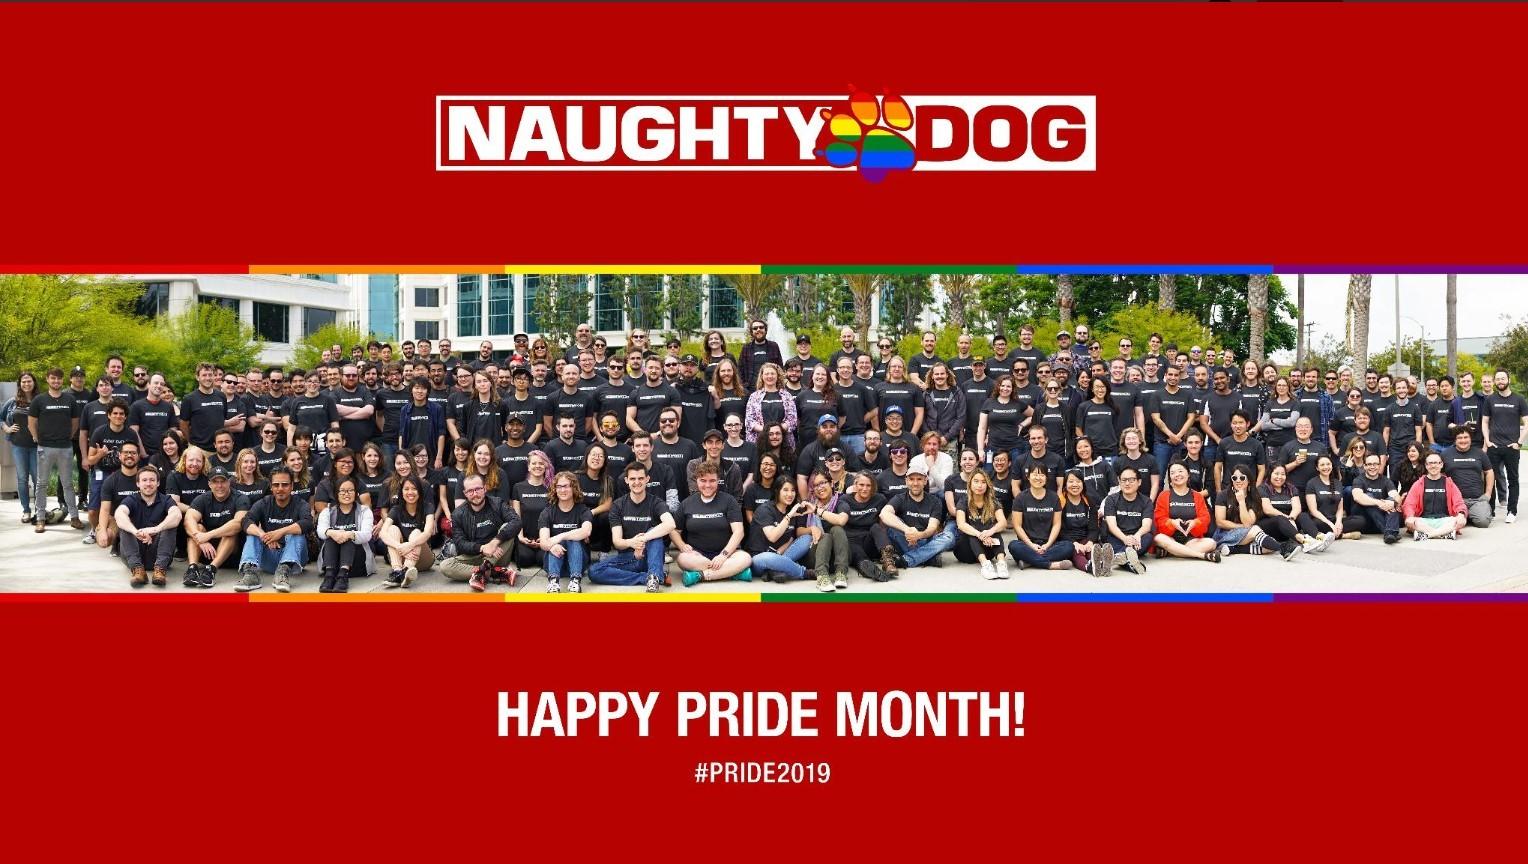 Naughty Dog, Microsoft, Bethesda, BioWare, Activision, Insomniac Games и другие игровые компании выражают поддержку ЛГБТ-сообществу в Месяц гордости